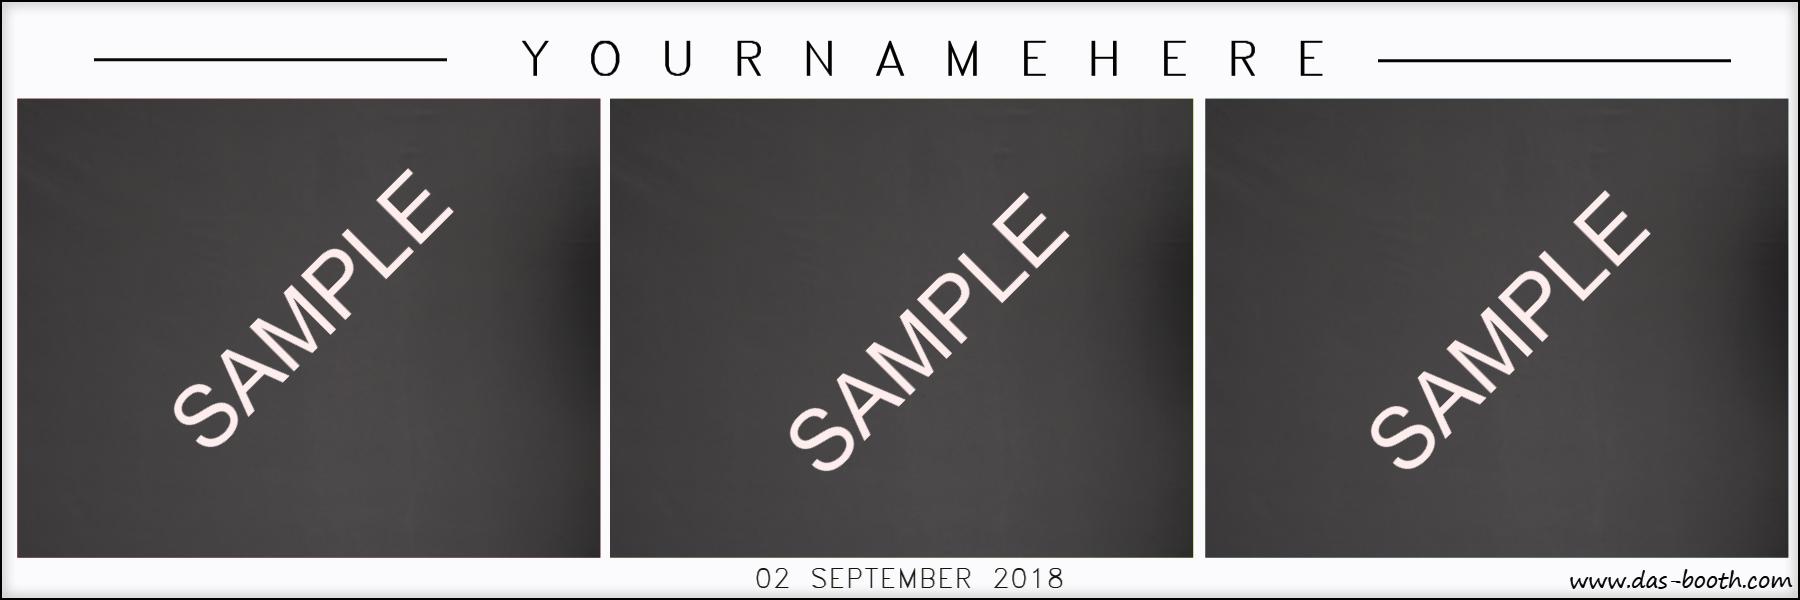 3 photos - horizontal - sample3.png